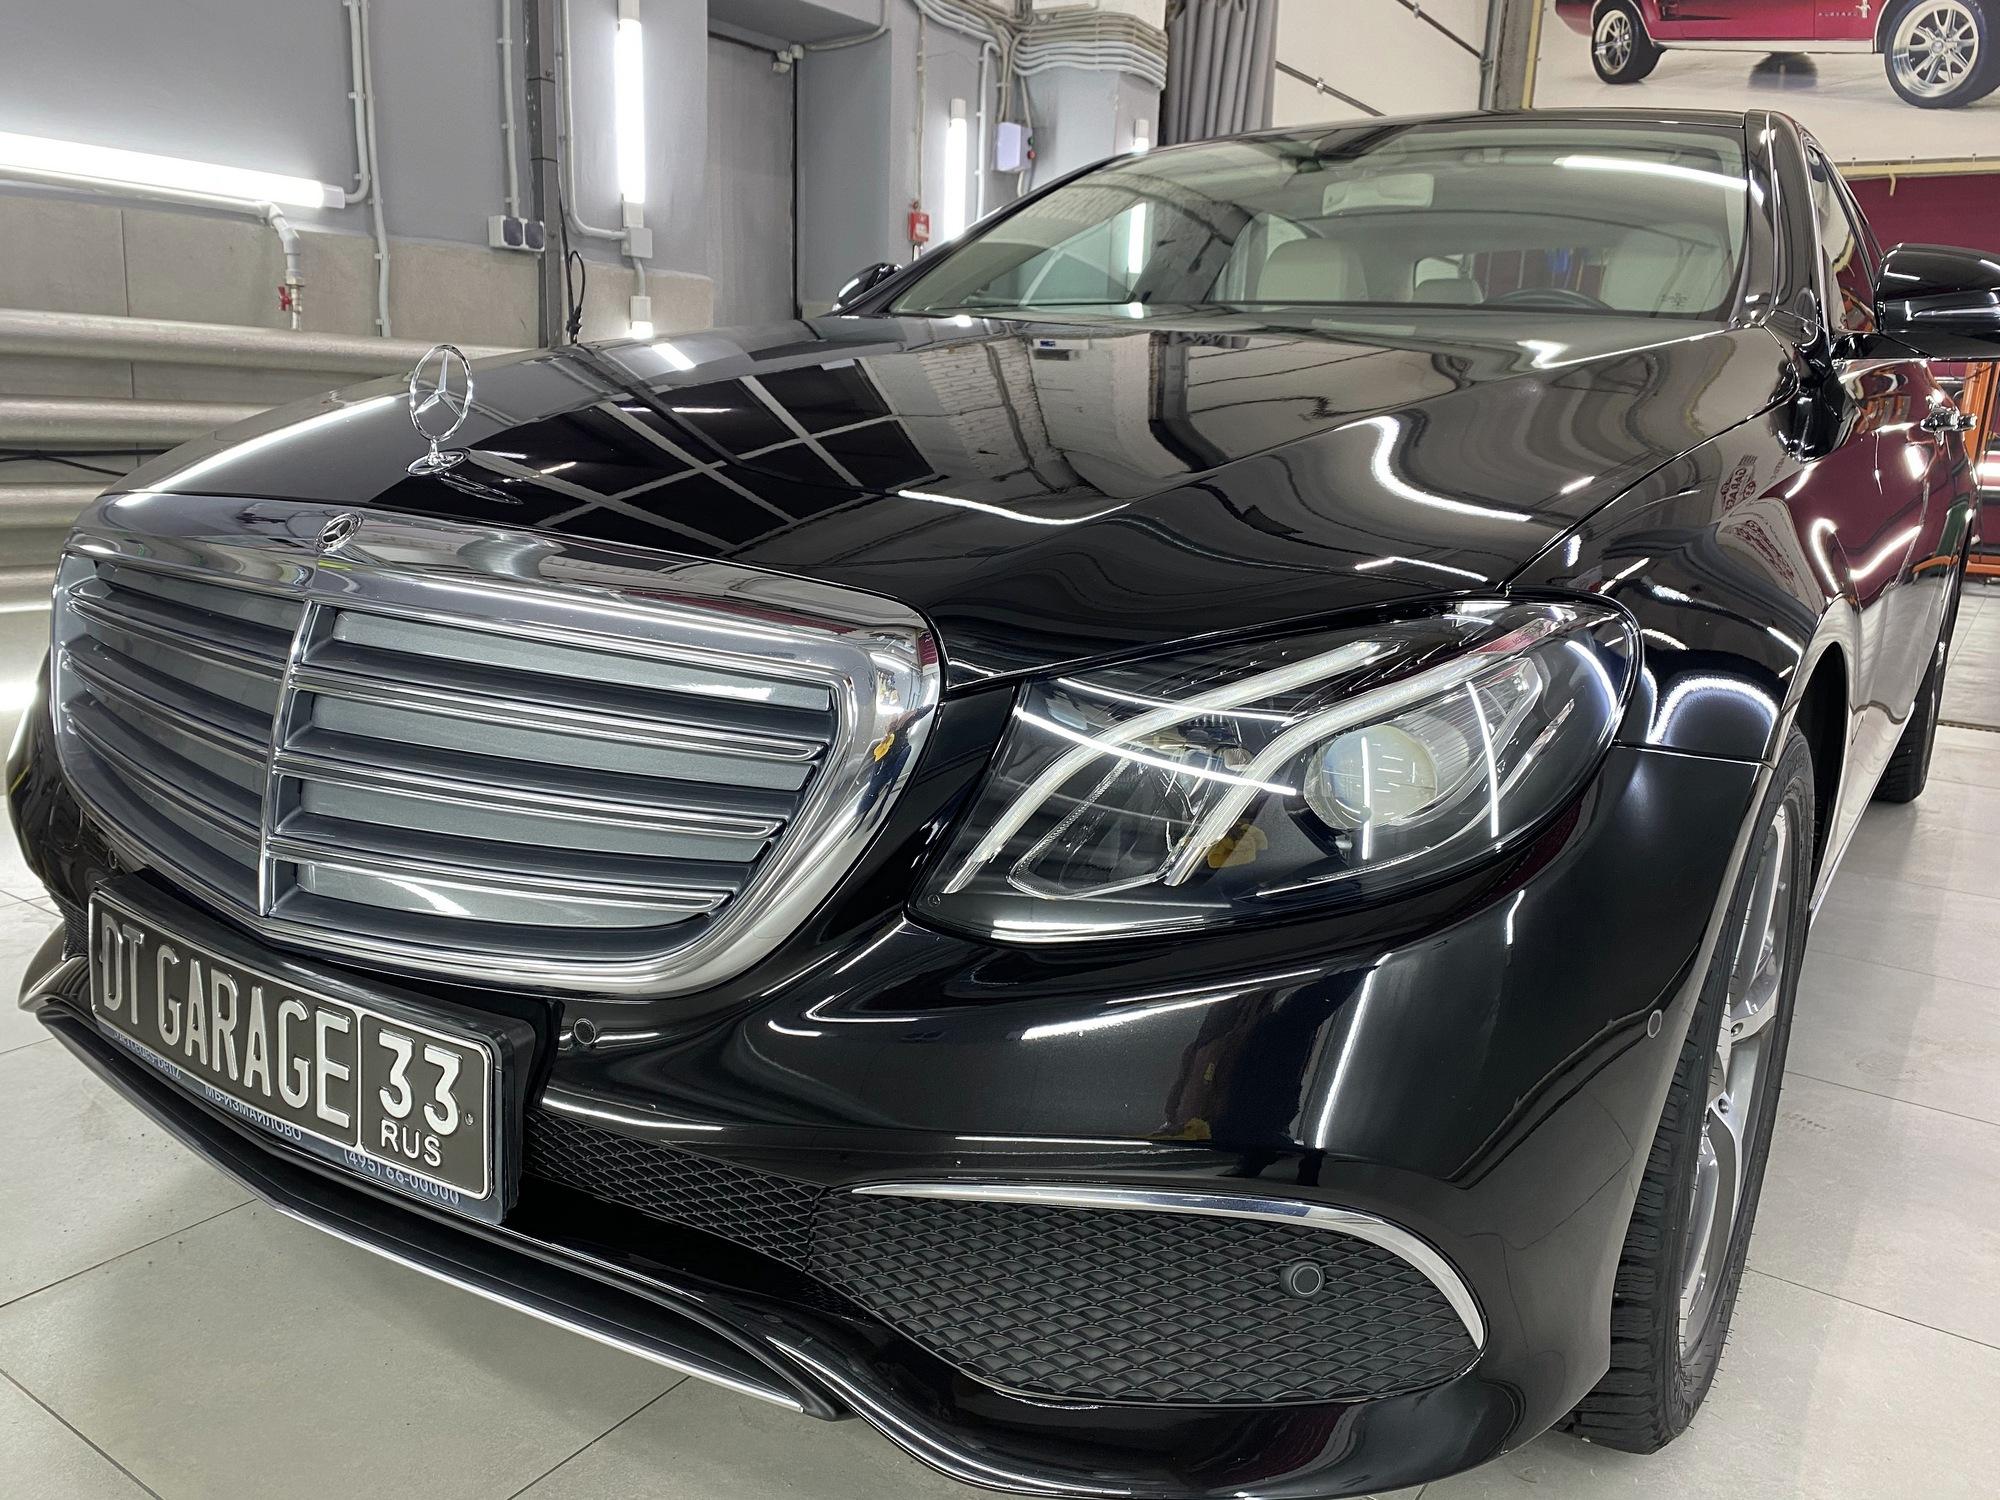 Смотреть на фото автомобиль Мерседес черного цвета после нанесения защитного покрытия.